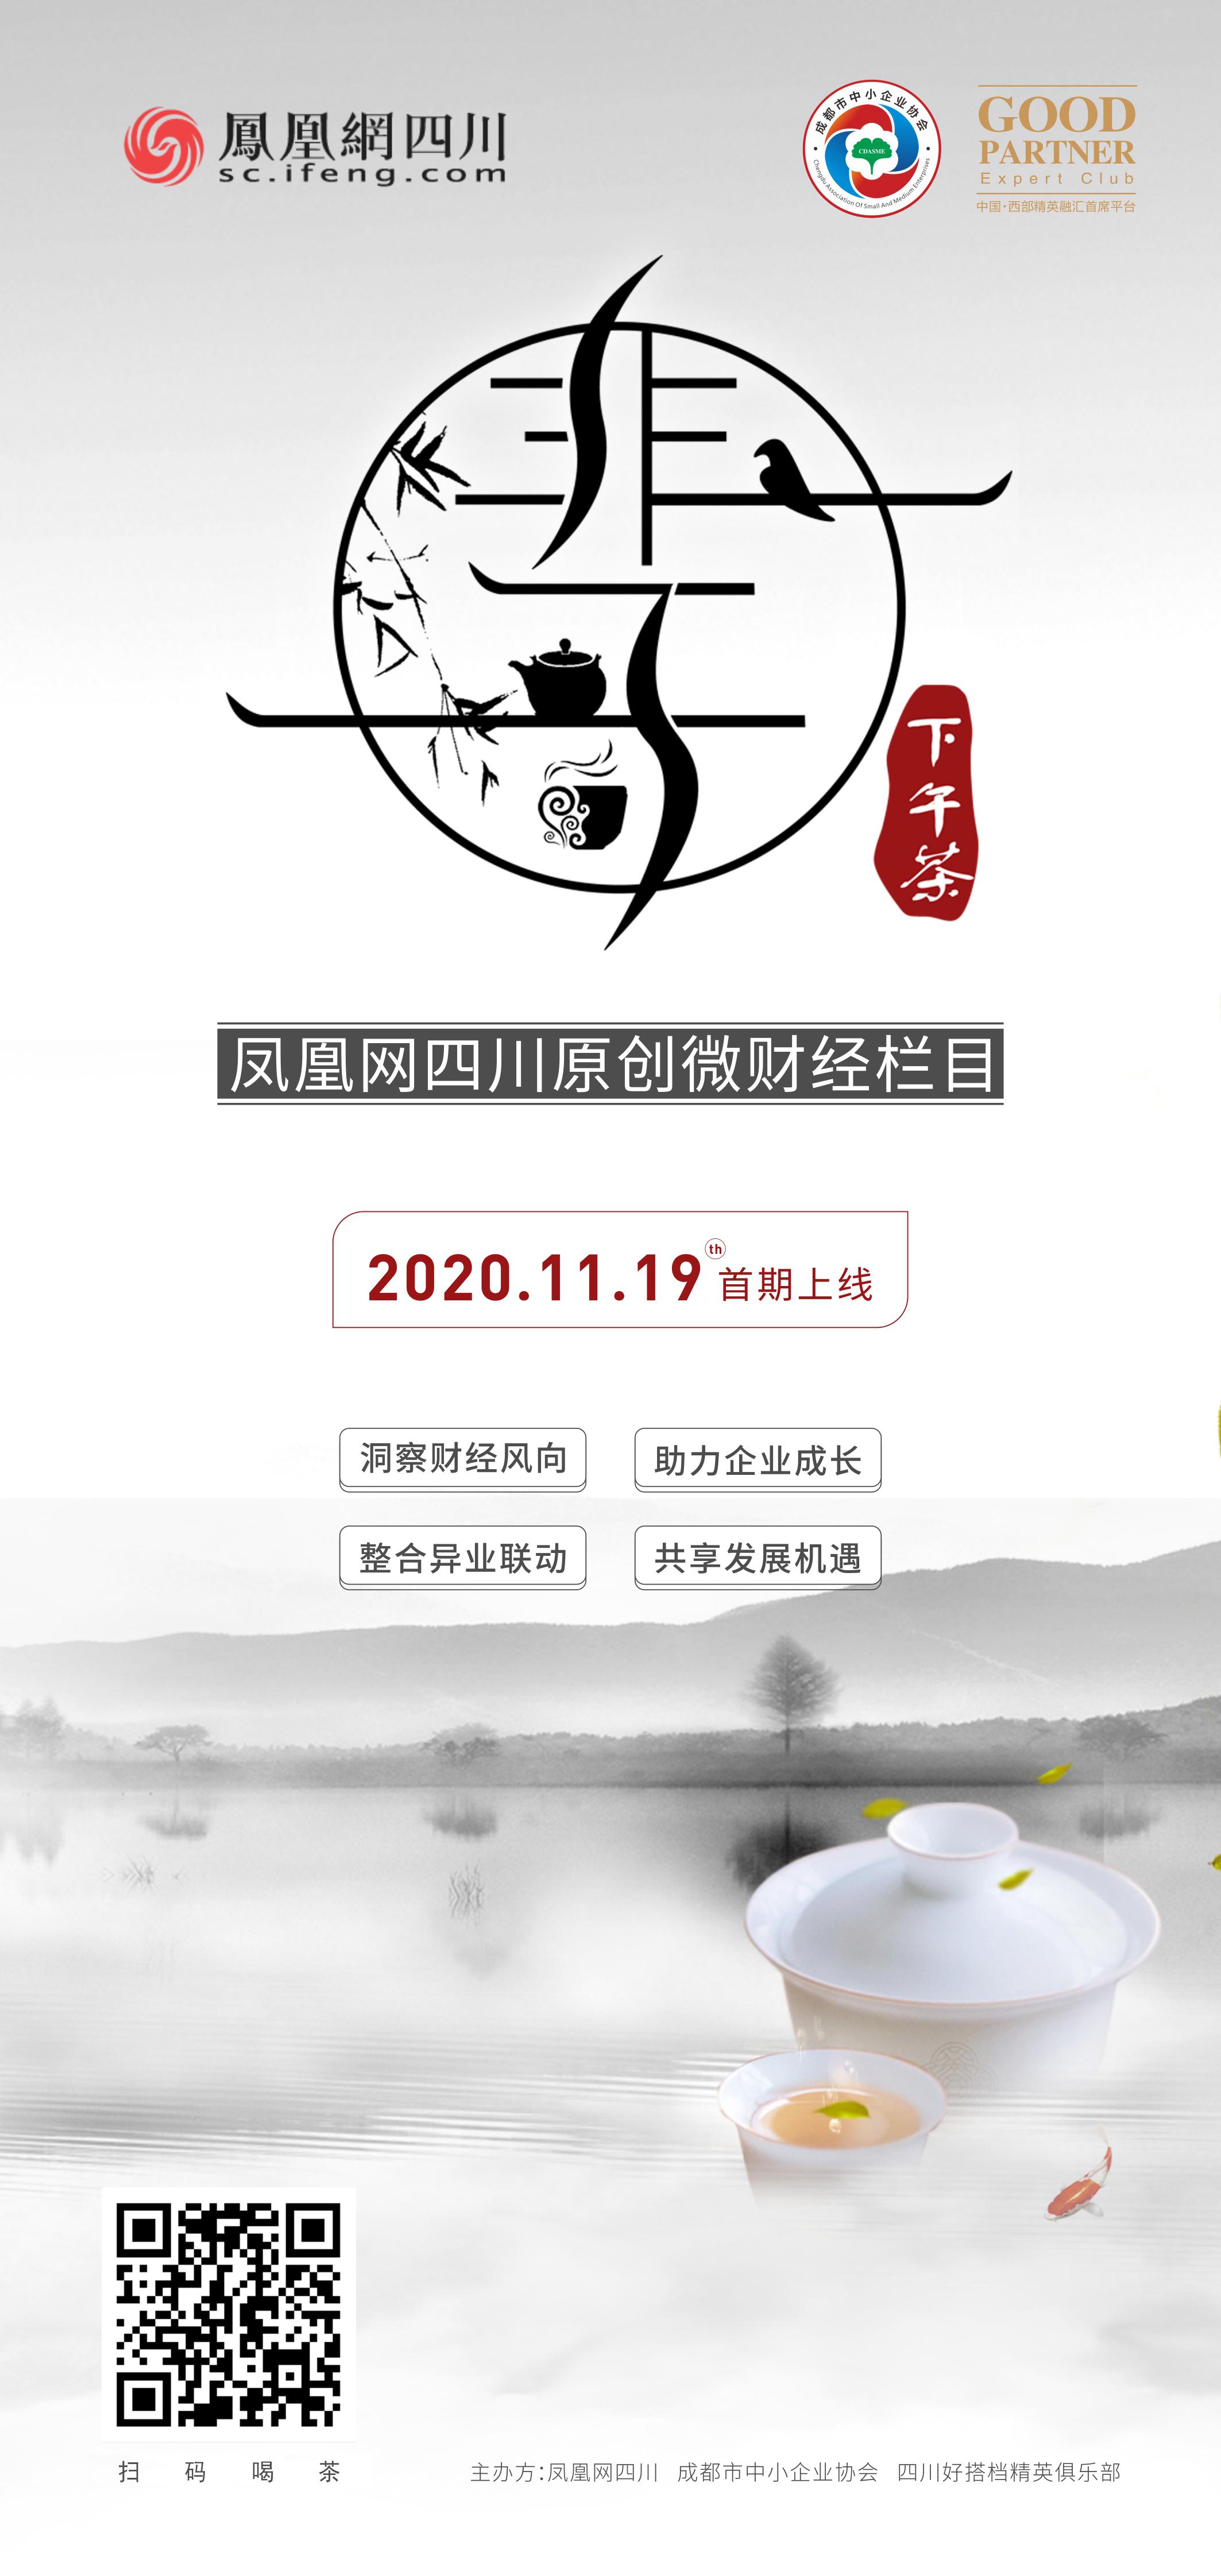 以茶会友共话财商 凤凰网四川微财经栏目《非哥下午茶》11月19日上线